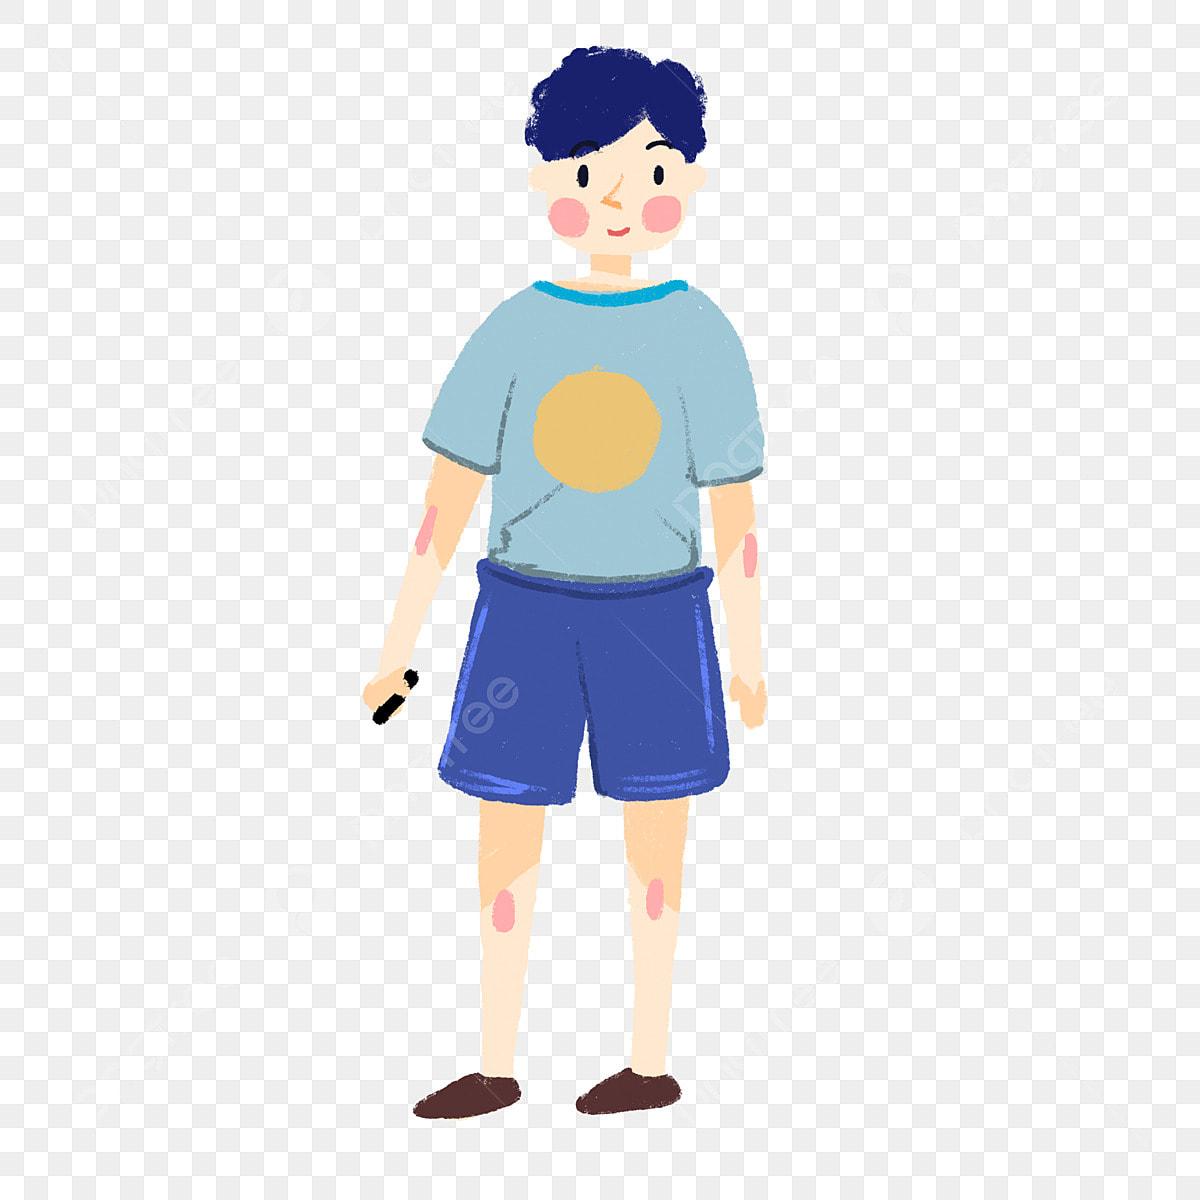 Dibujos Animados Hombre Camiseta Pantalones Cortos Shorts Camiseta De Png Y Psd Para Descargar Gratis Pngtree